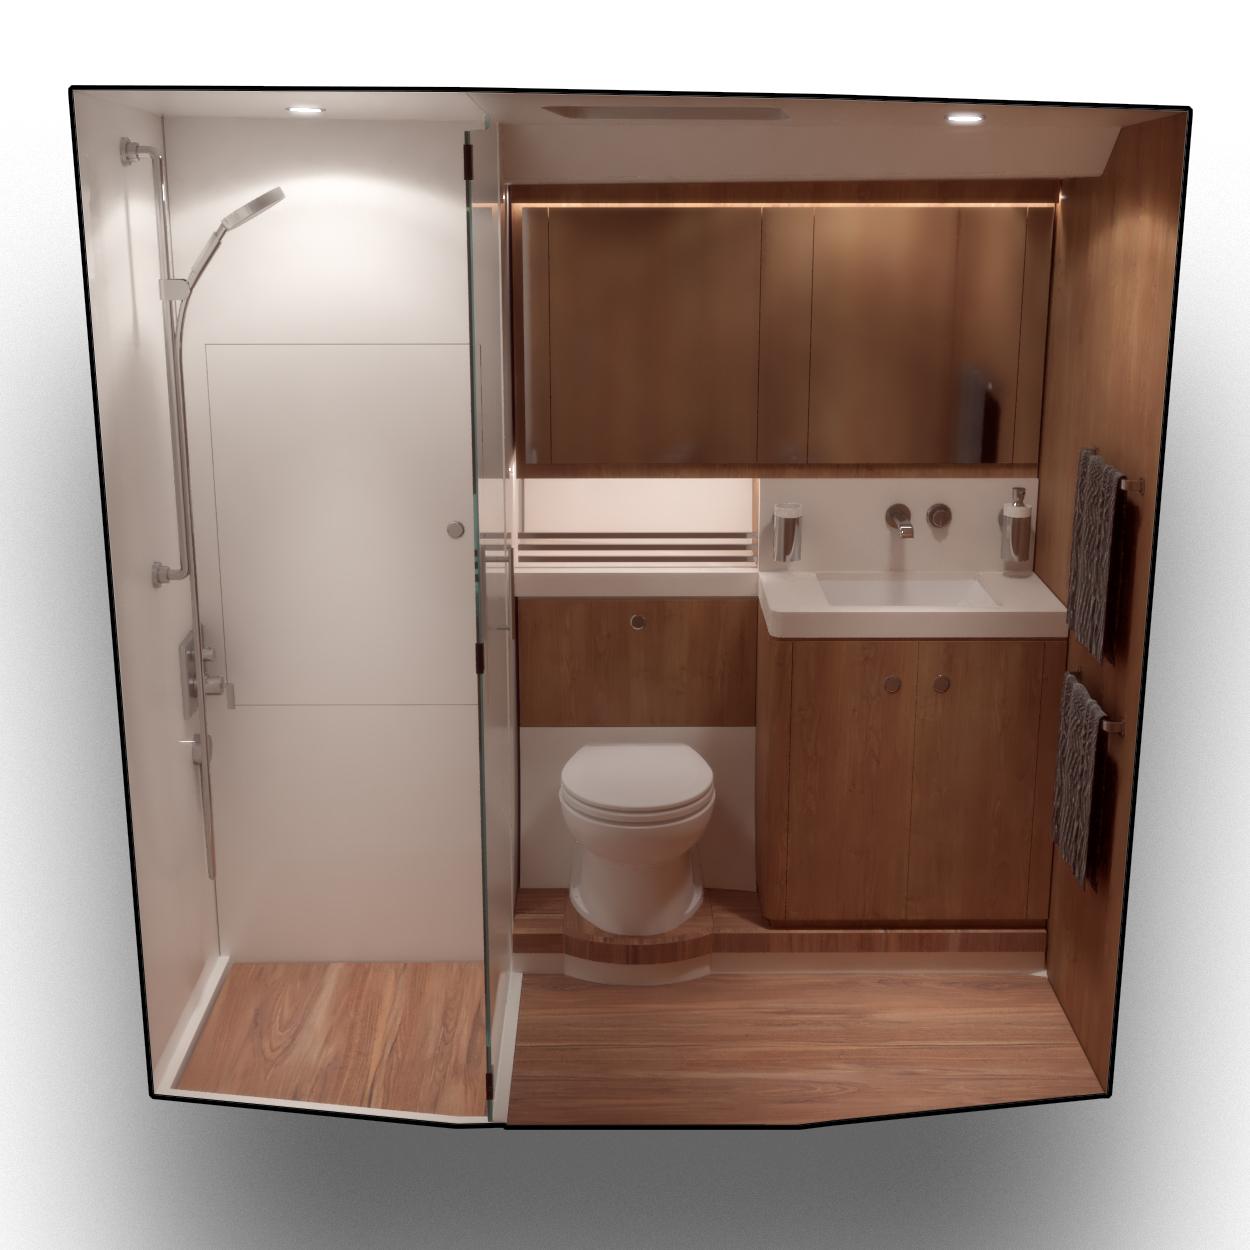 Fwd Cabin washer dryer 2 1